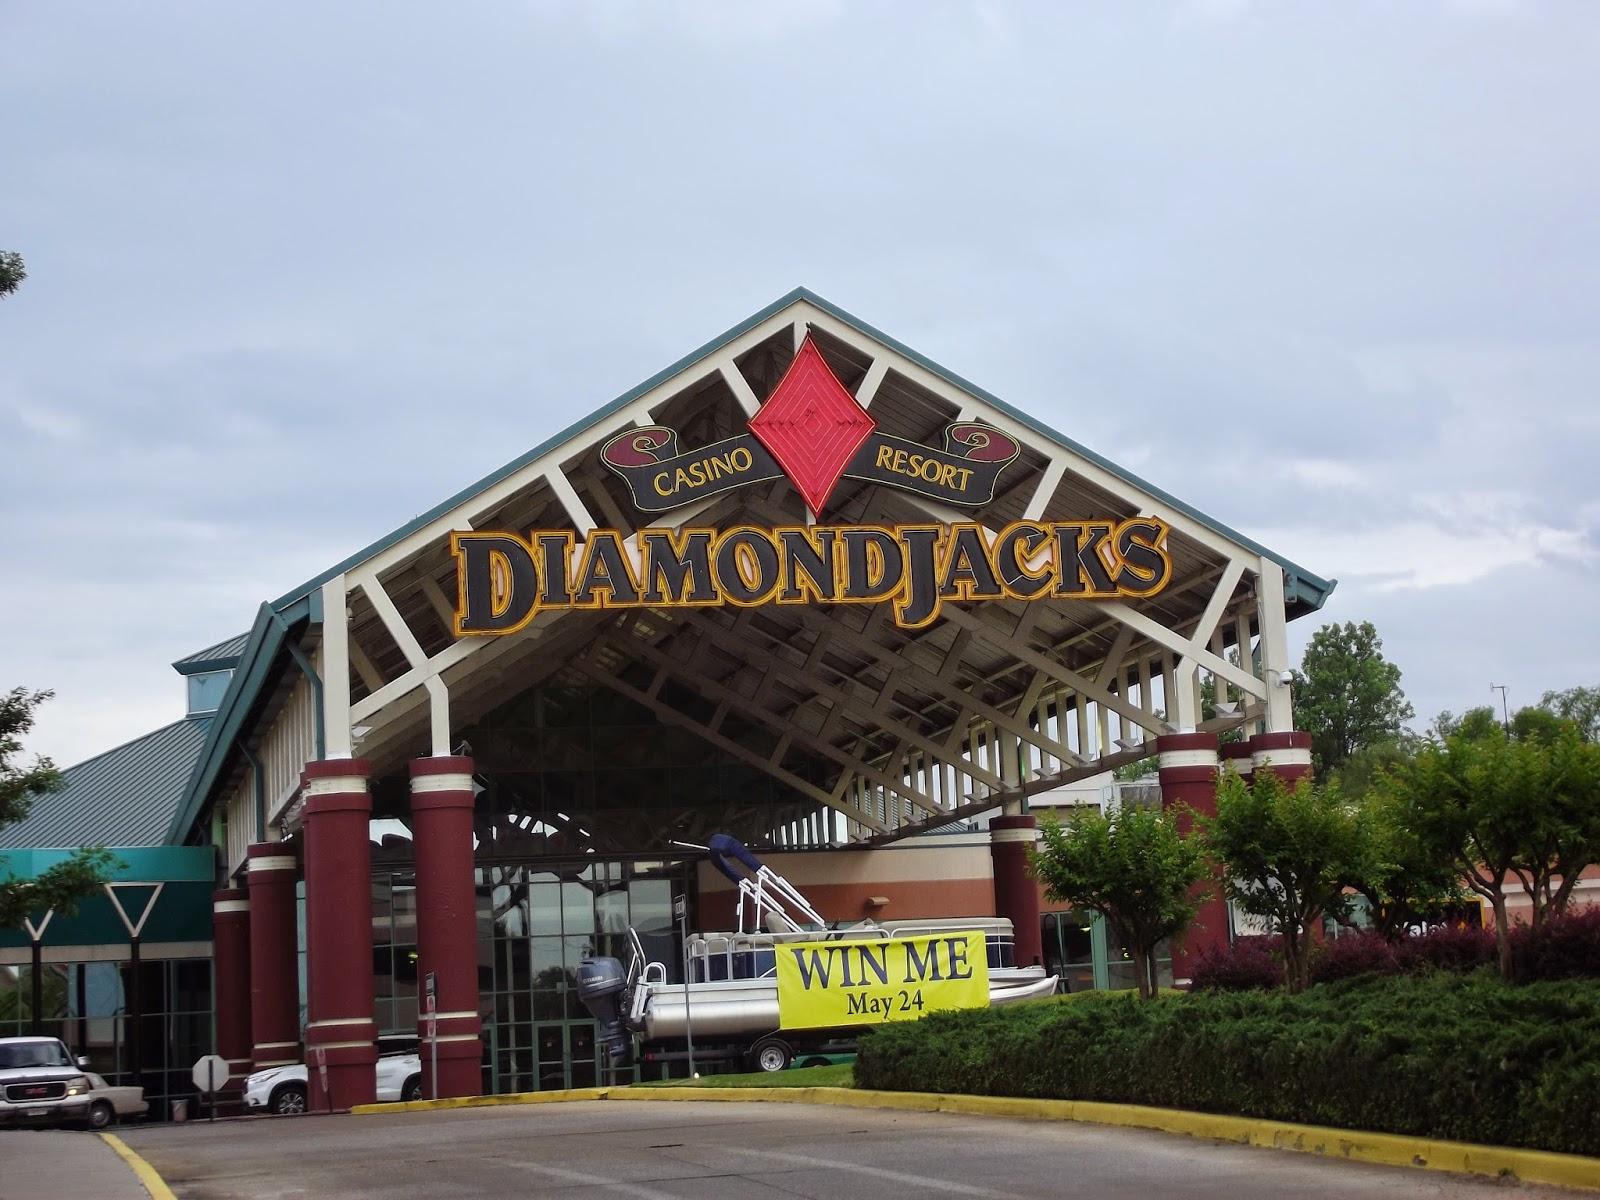 Diamond jacks casino bossier city